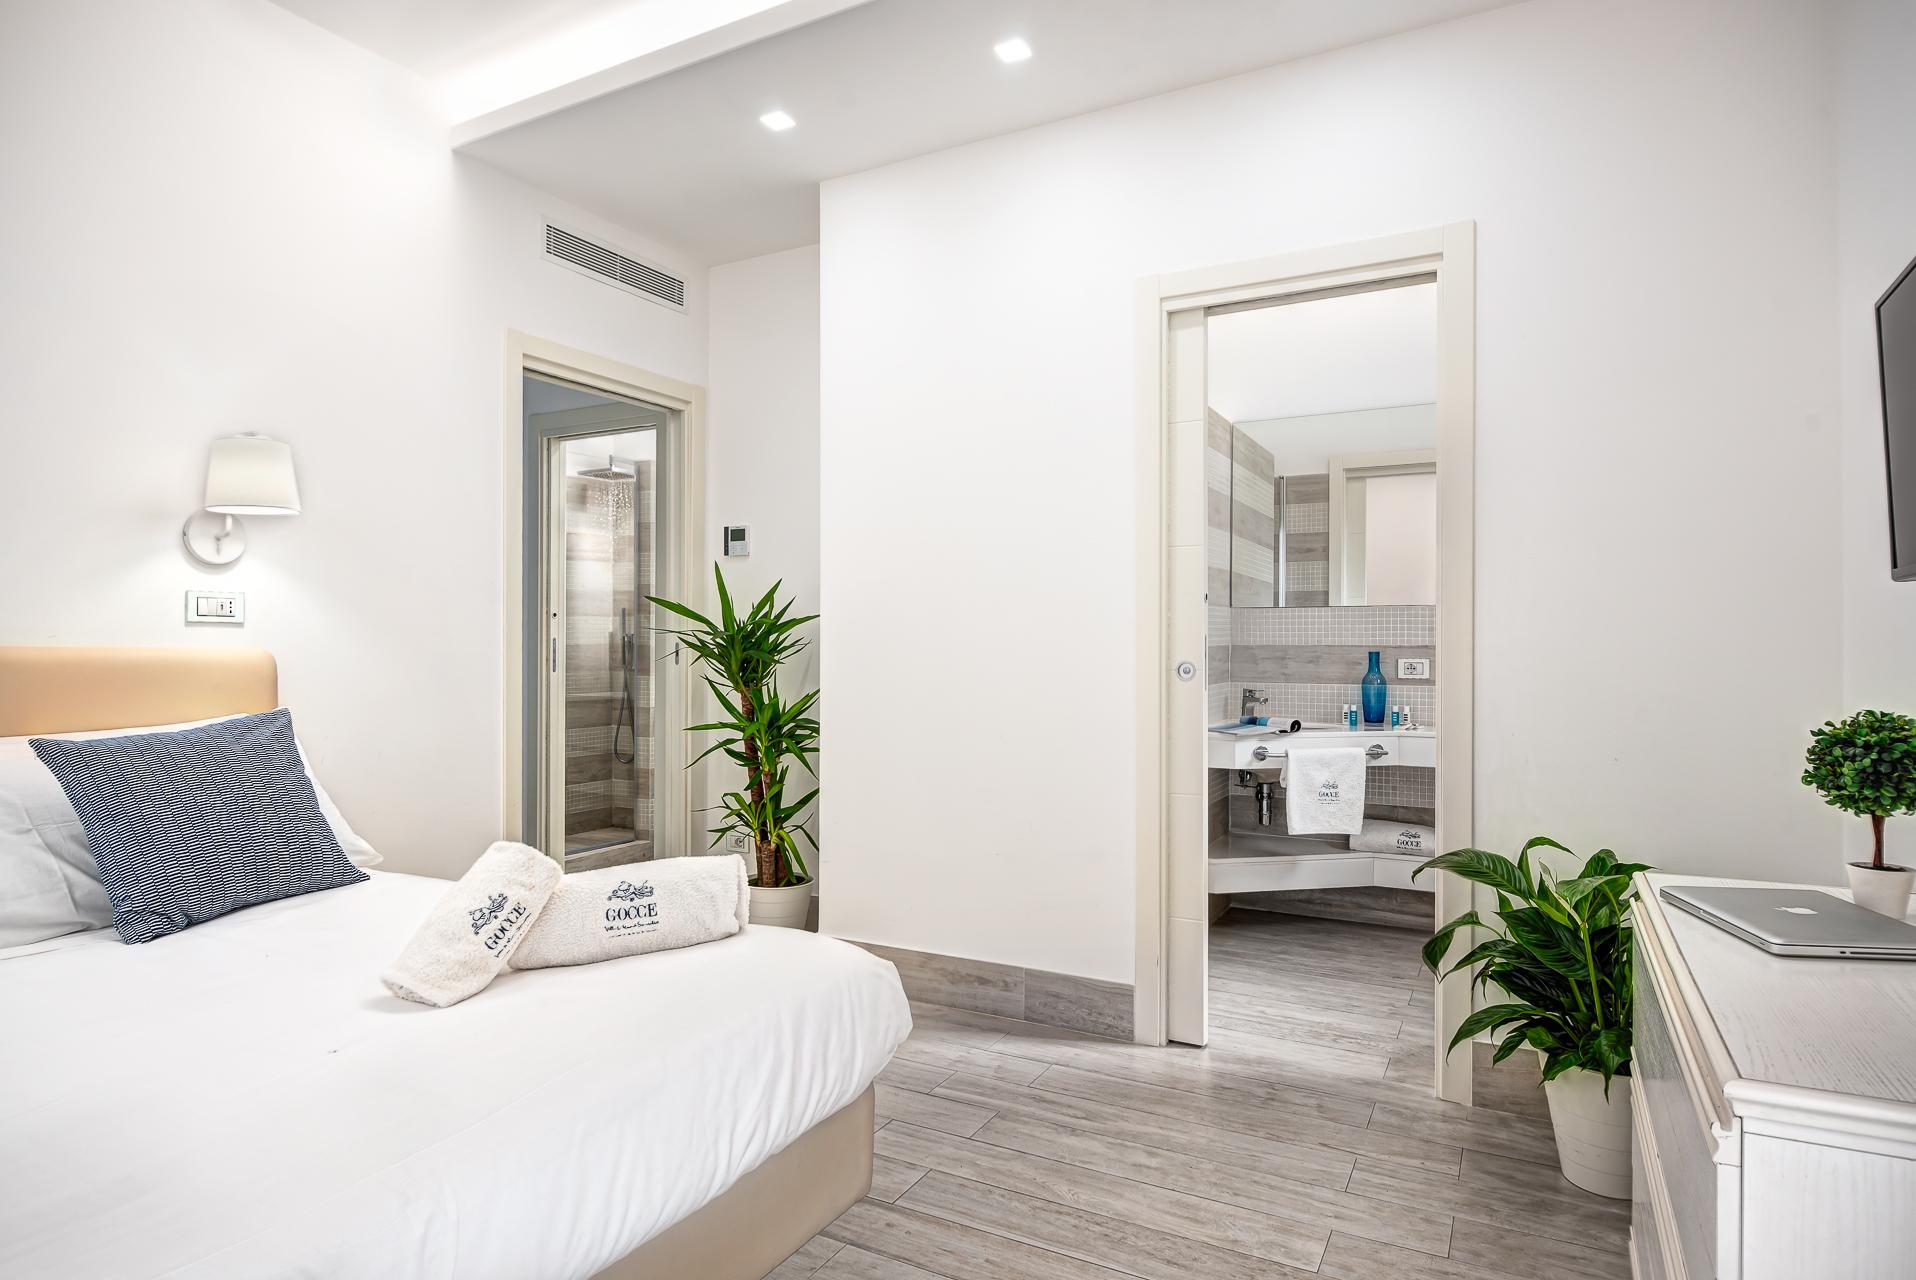 El Royale Suites Sorrento - Blanco photo 15979006